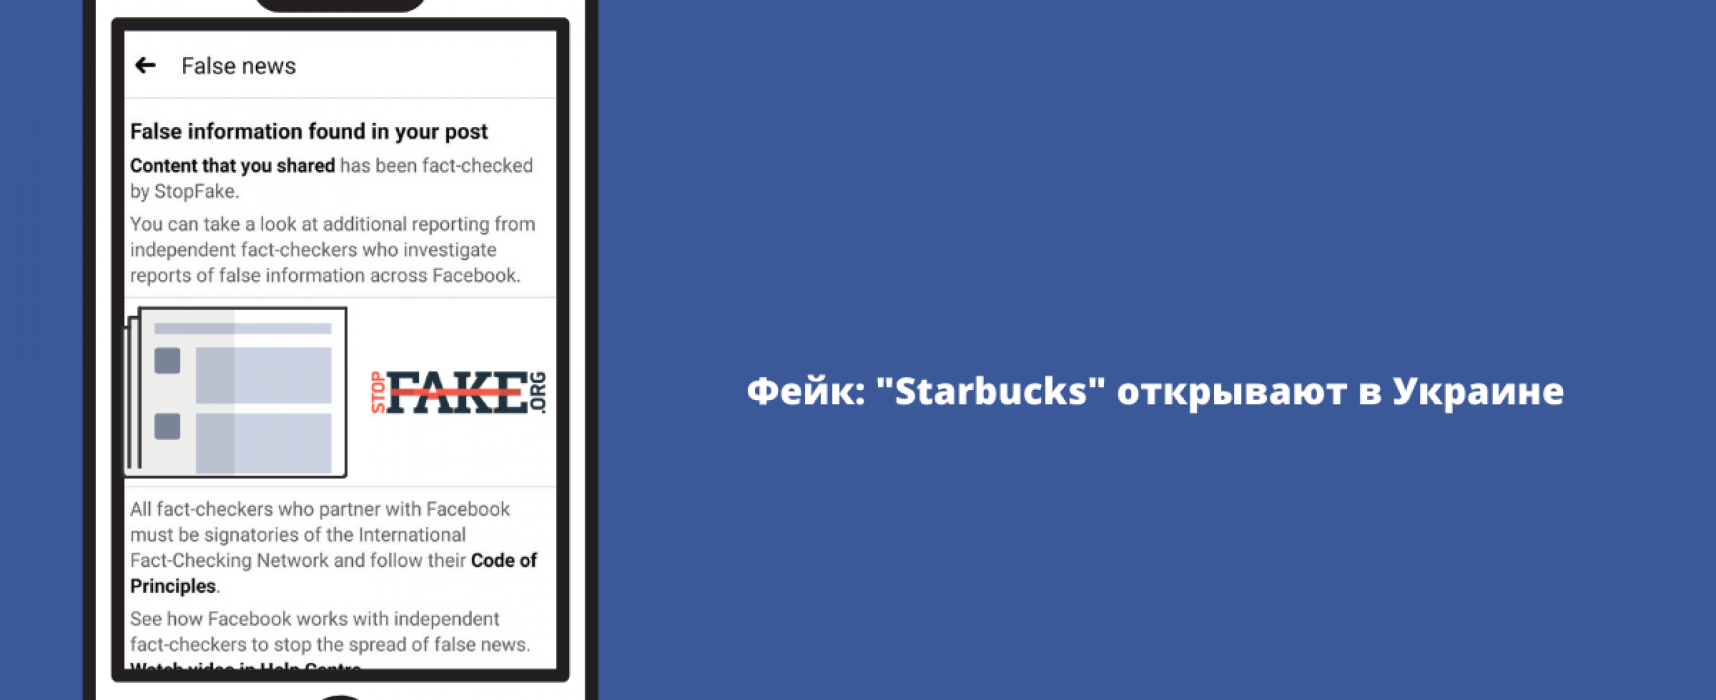 Фейк: Starbucks відкривають в Україні